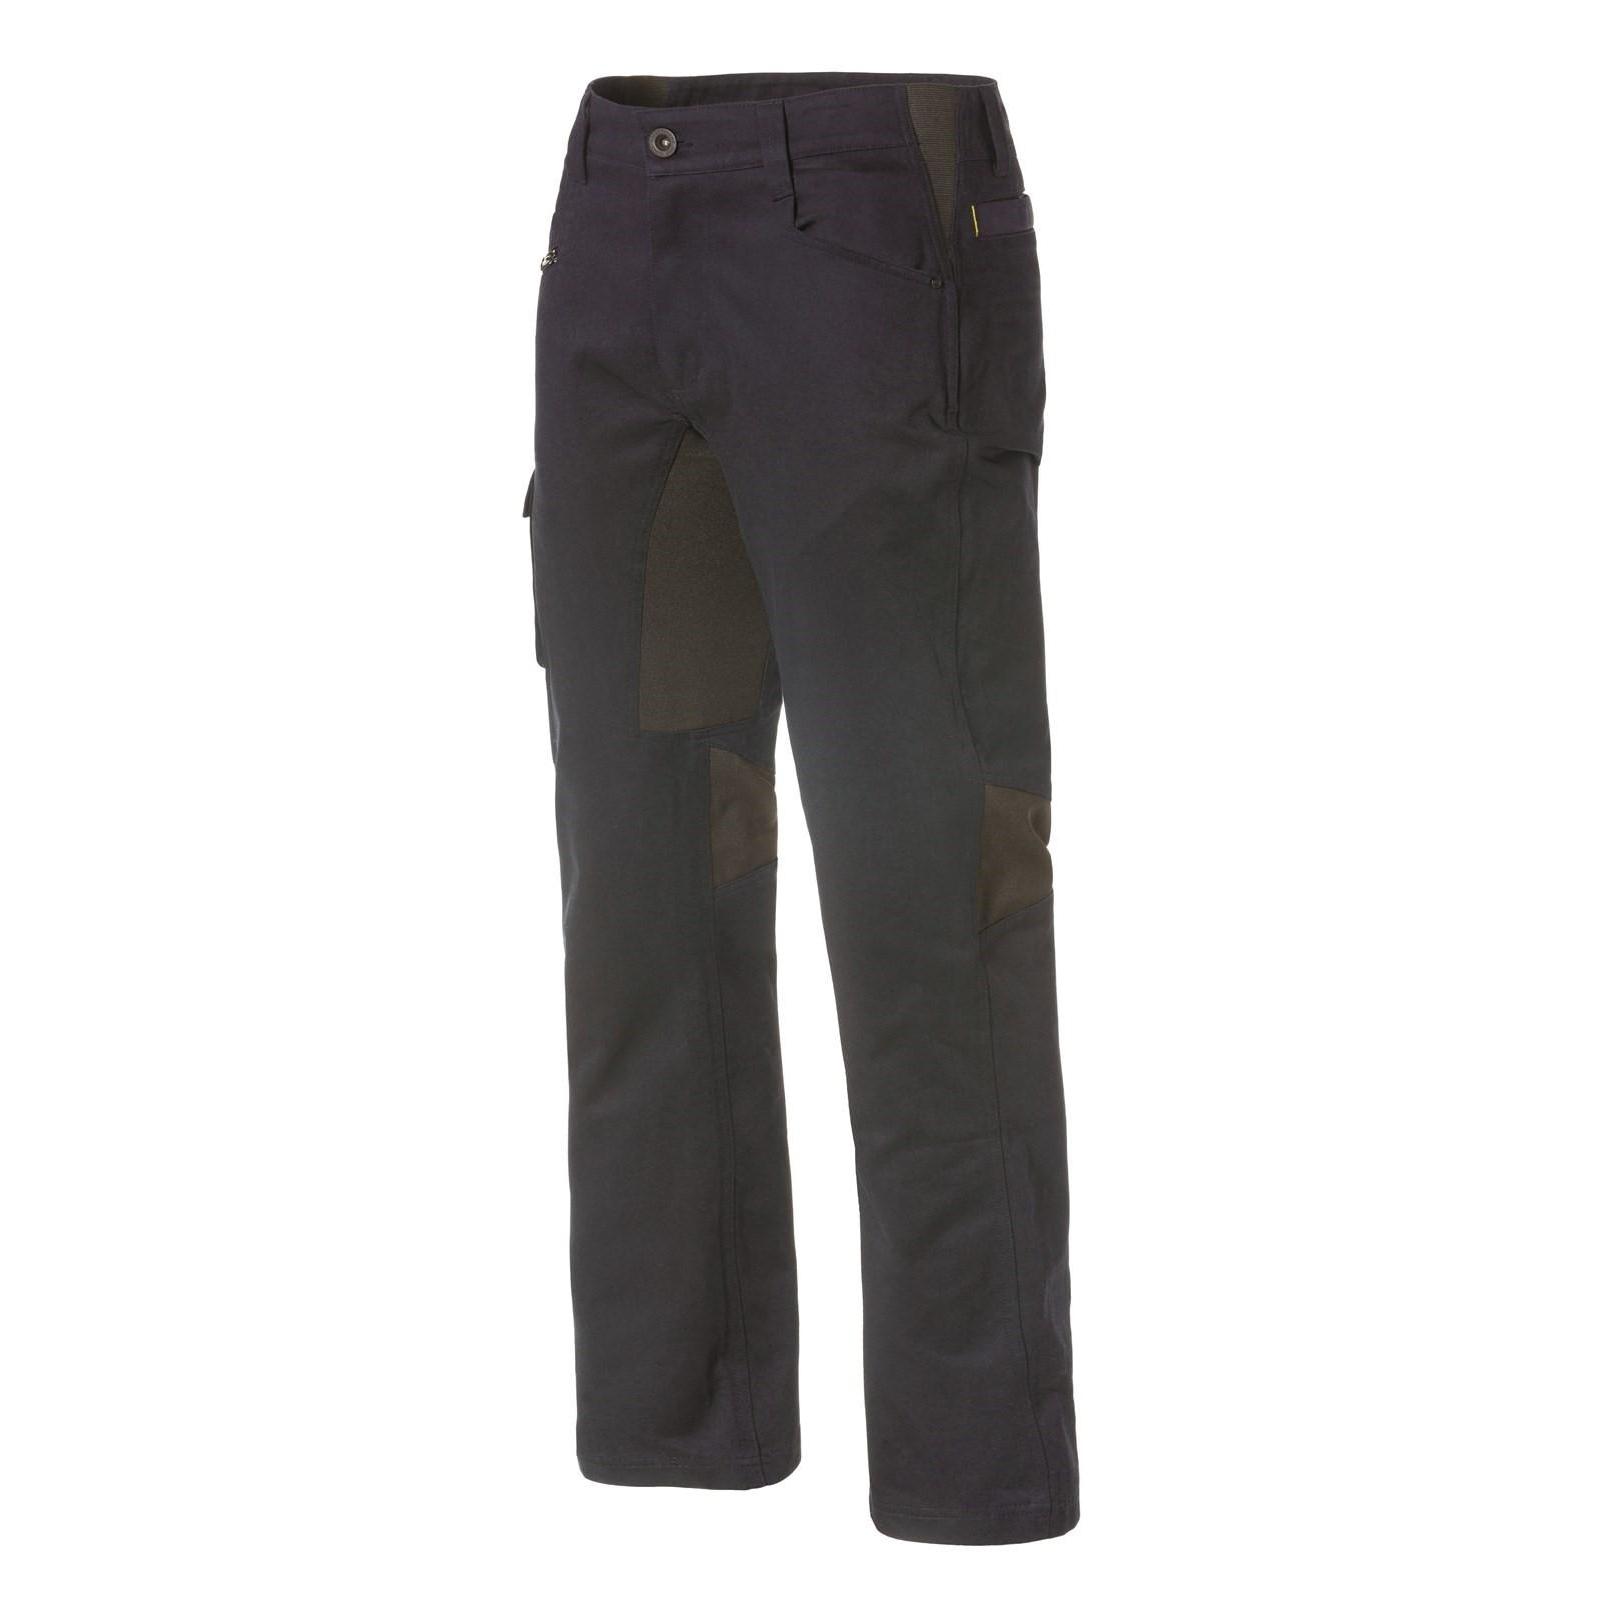 Caterpillar Mens Operator Flex Work Trousers (36S) (Navy)